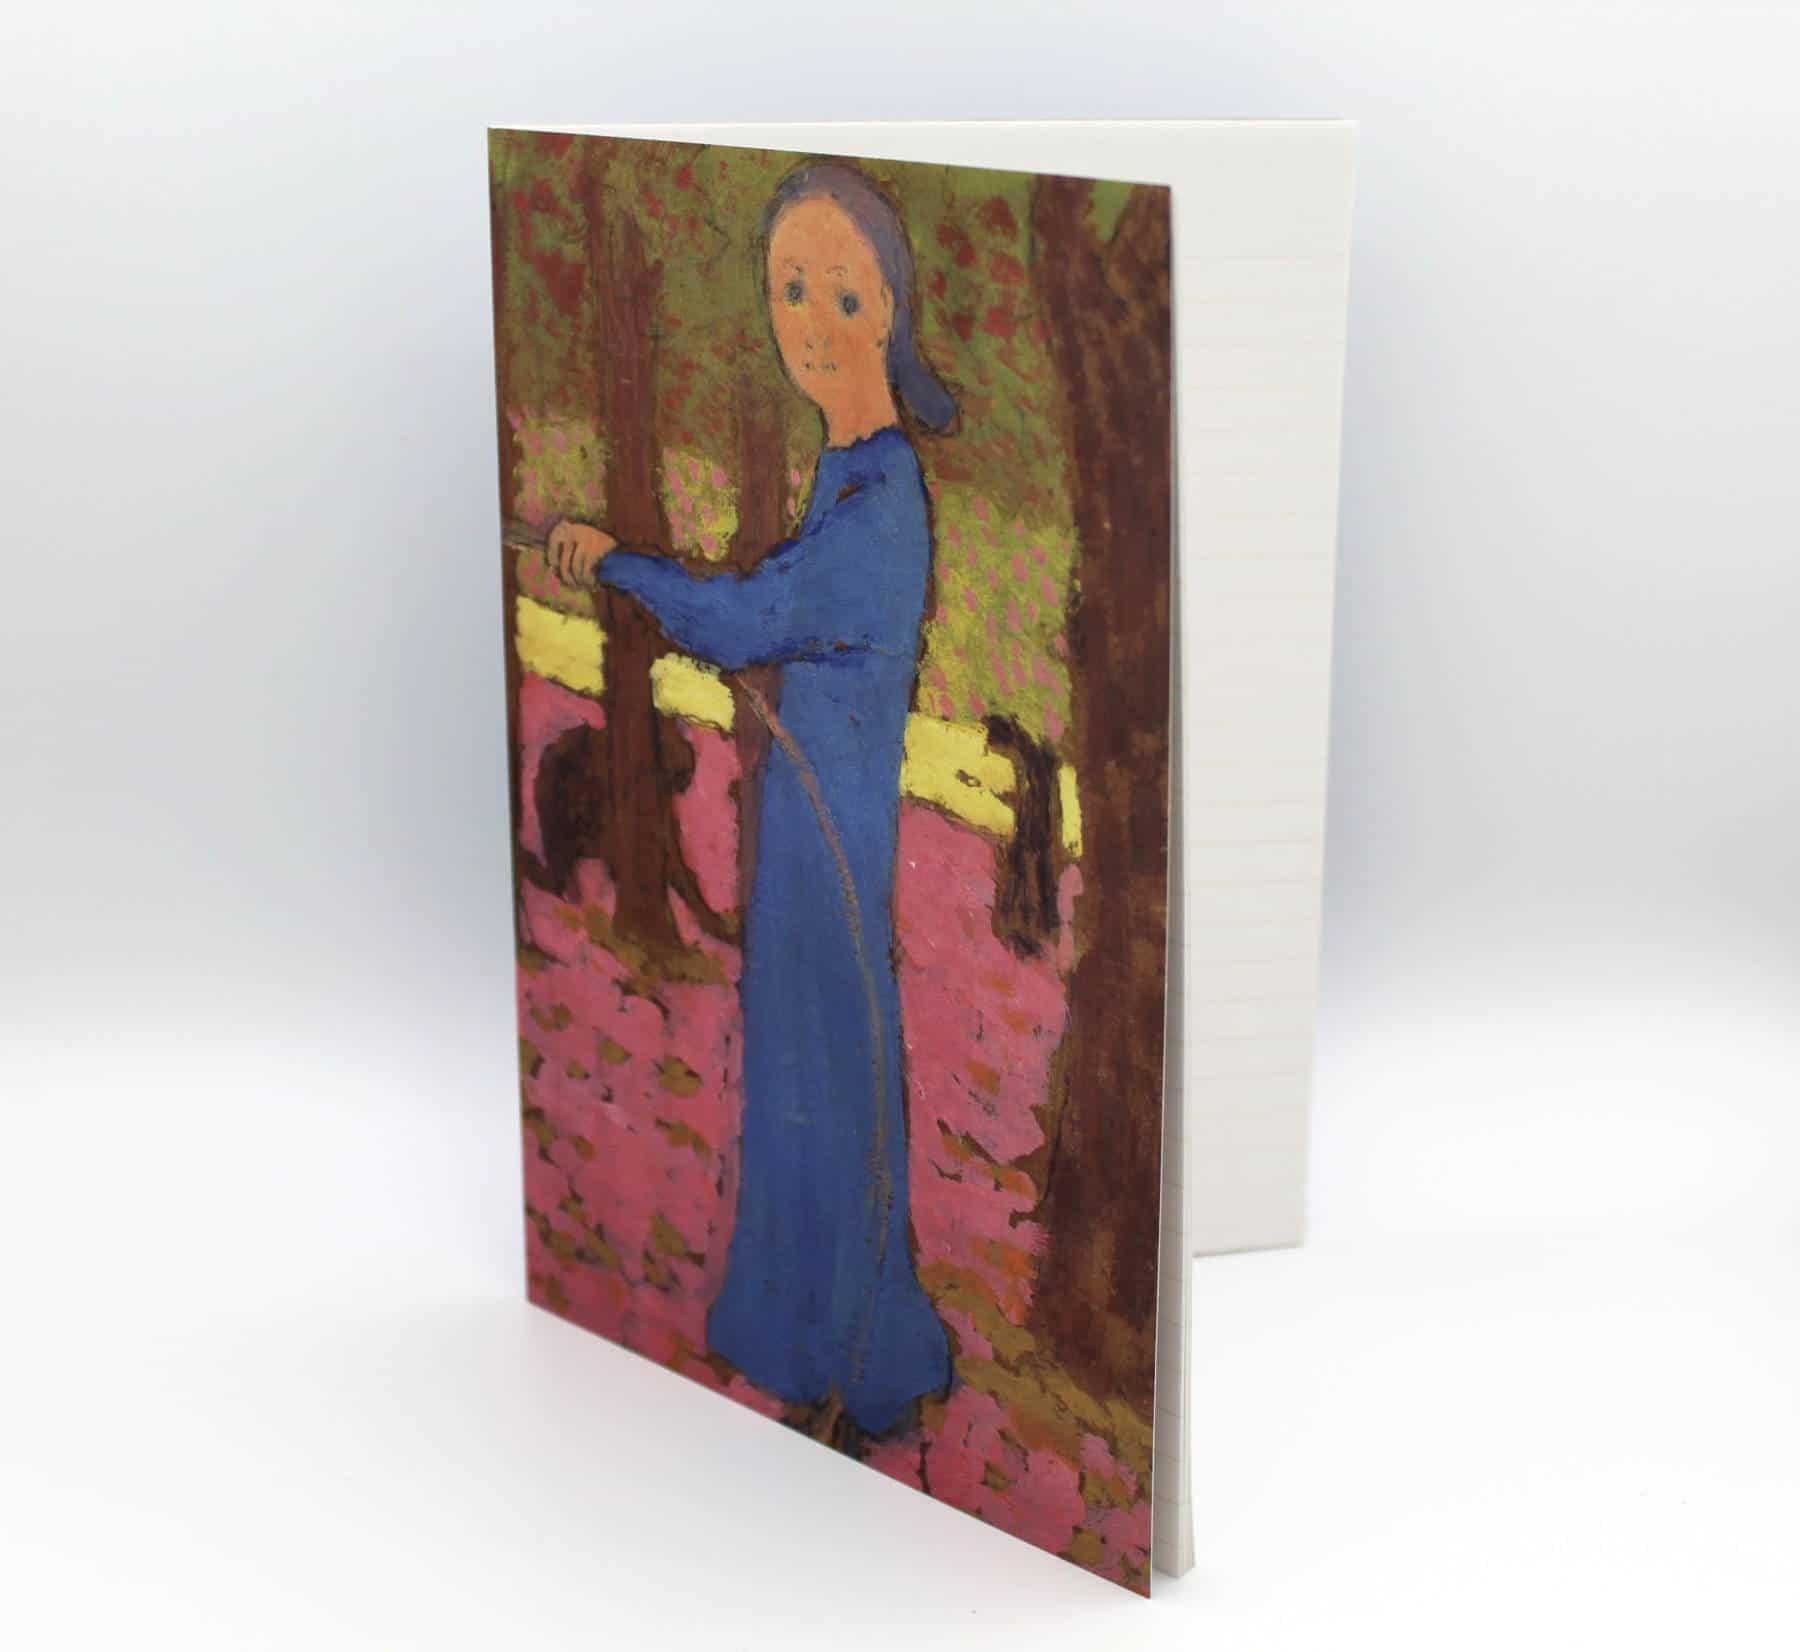 Cahier A5 - Edouard Vuillard, Fillette au cerceau